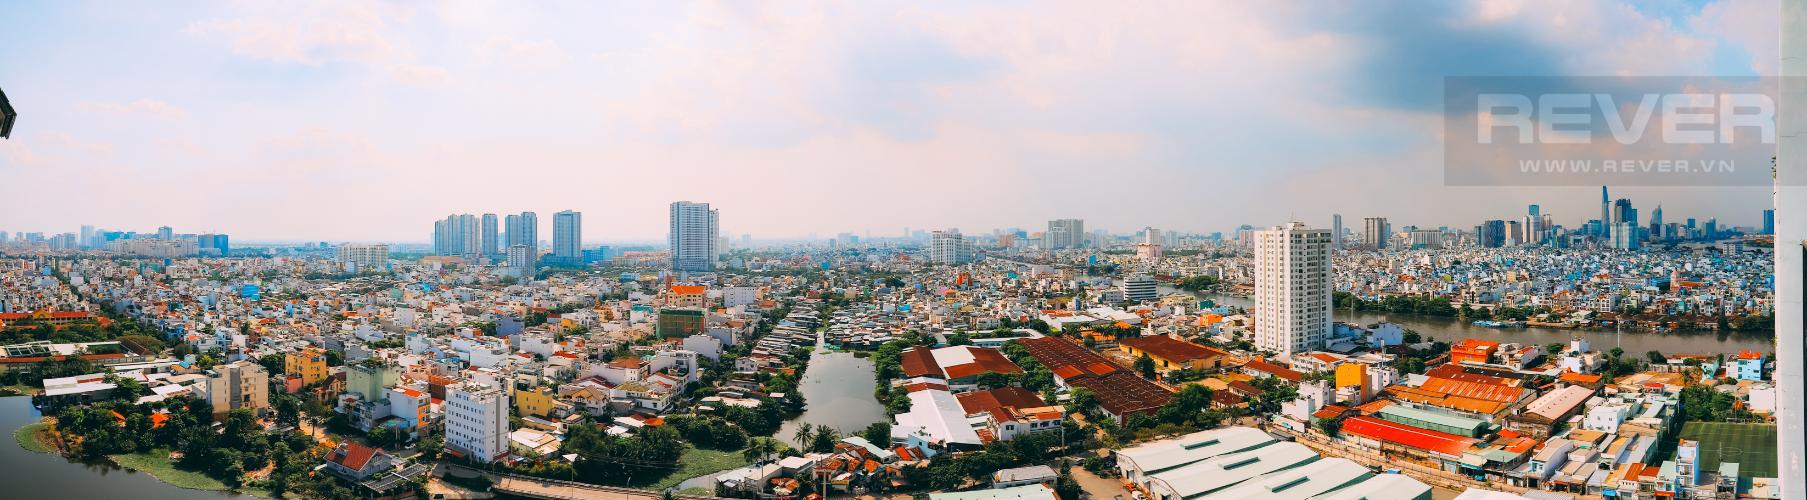 View Căn hộ M-One Nam Sài Gòn tầng cao 3PN nội thất đầy đủ, có ban công